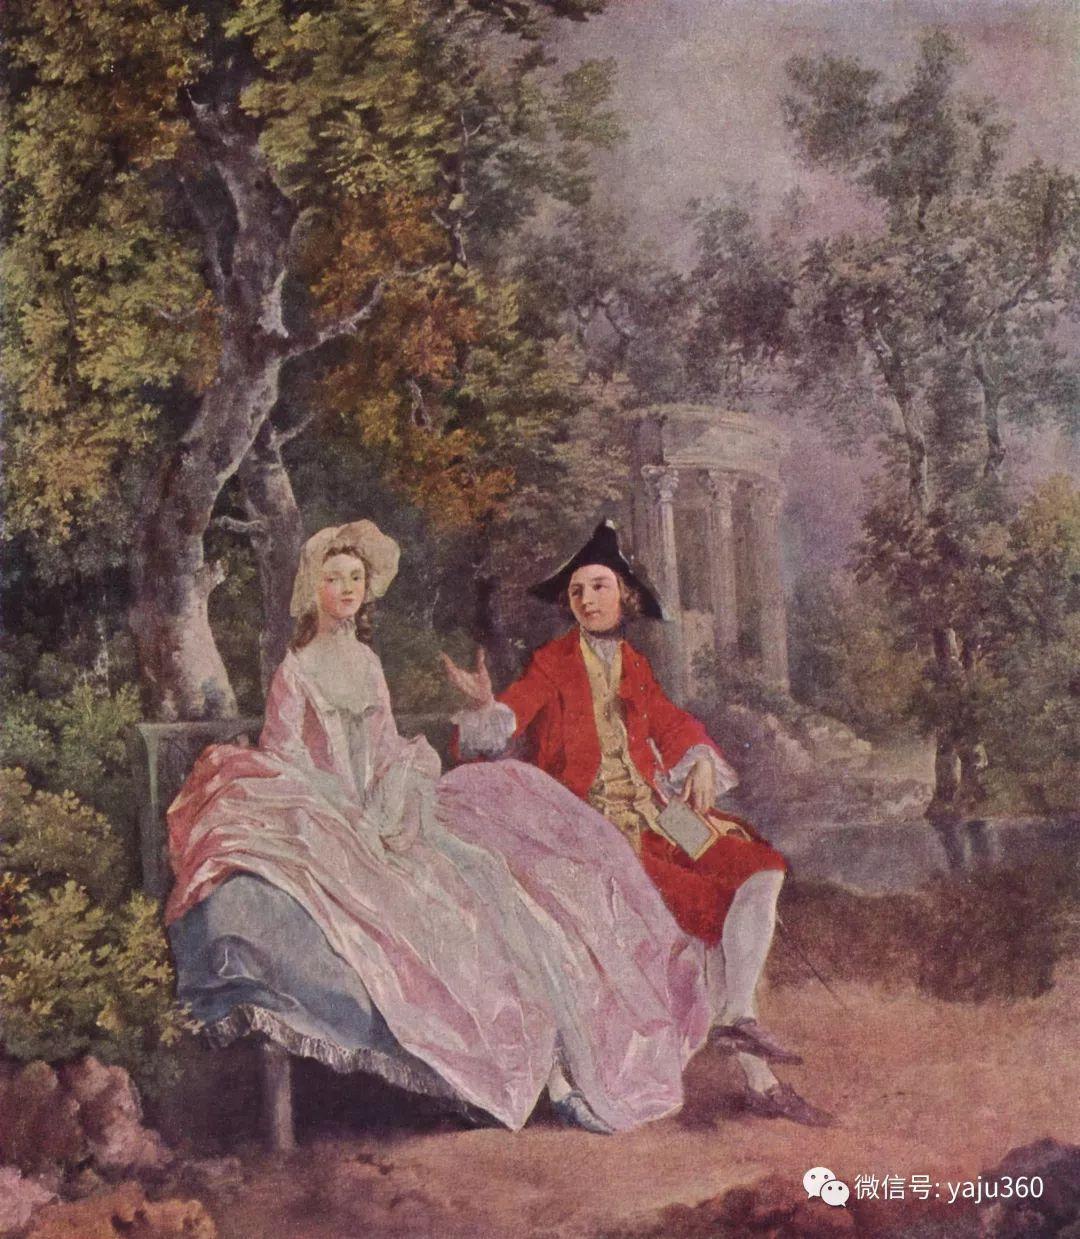 最早描绘英国乡村风景的画家 庚斯博罗插图17